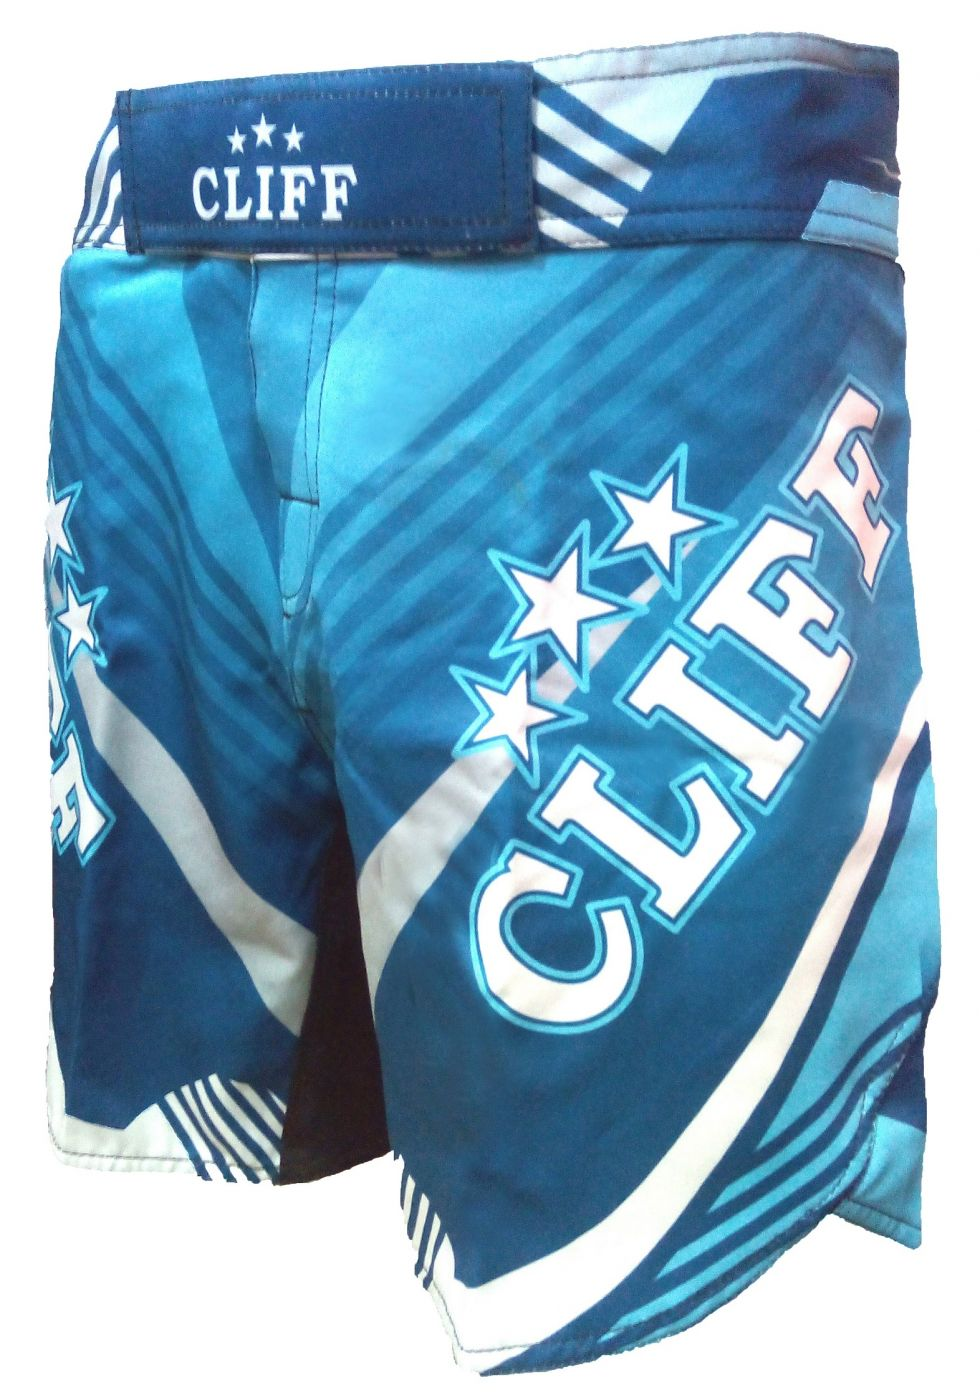 ШОРТЫ ММА CLIFF B2.0 NAVY BLUE, размер XL